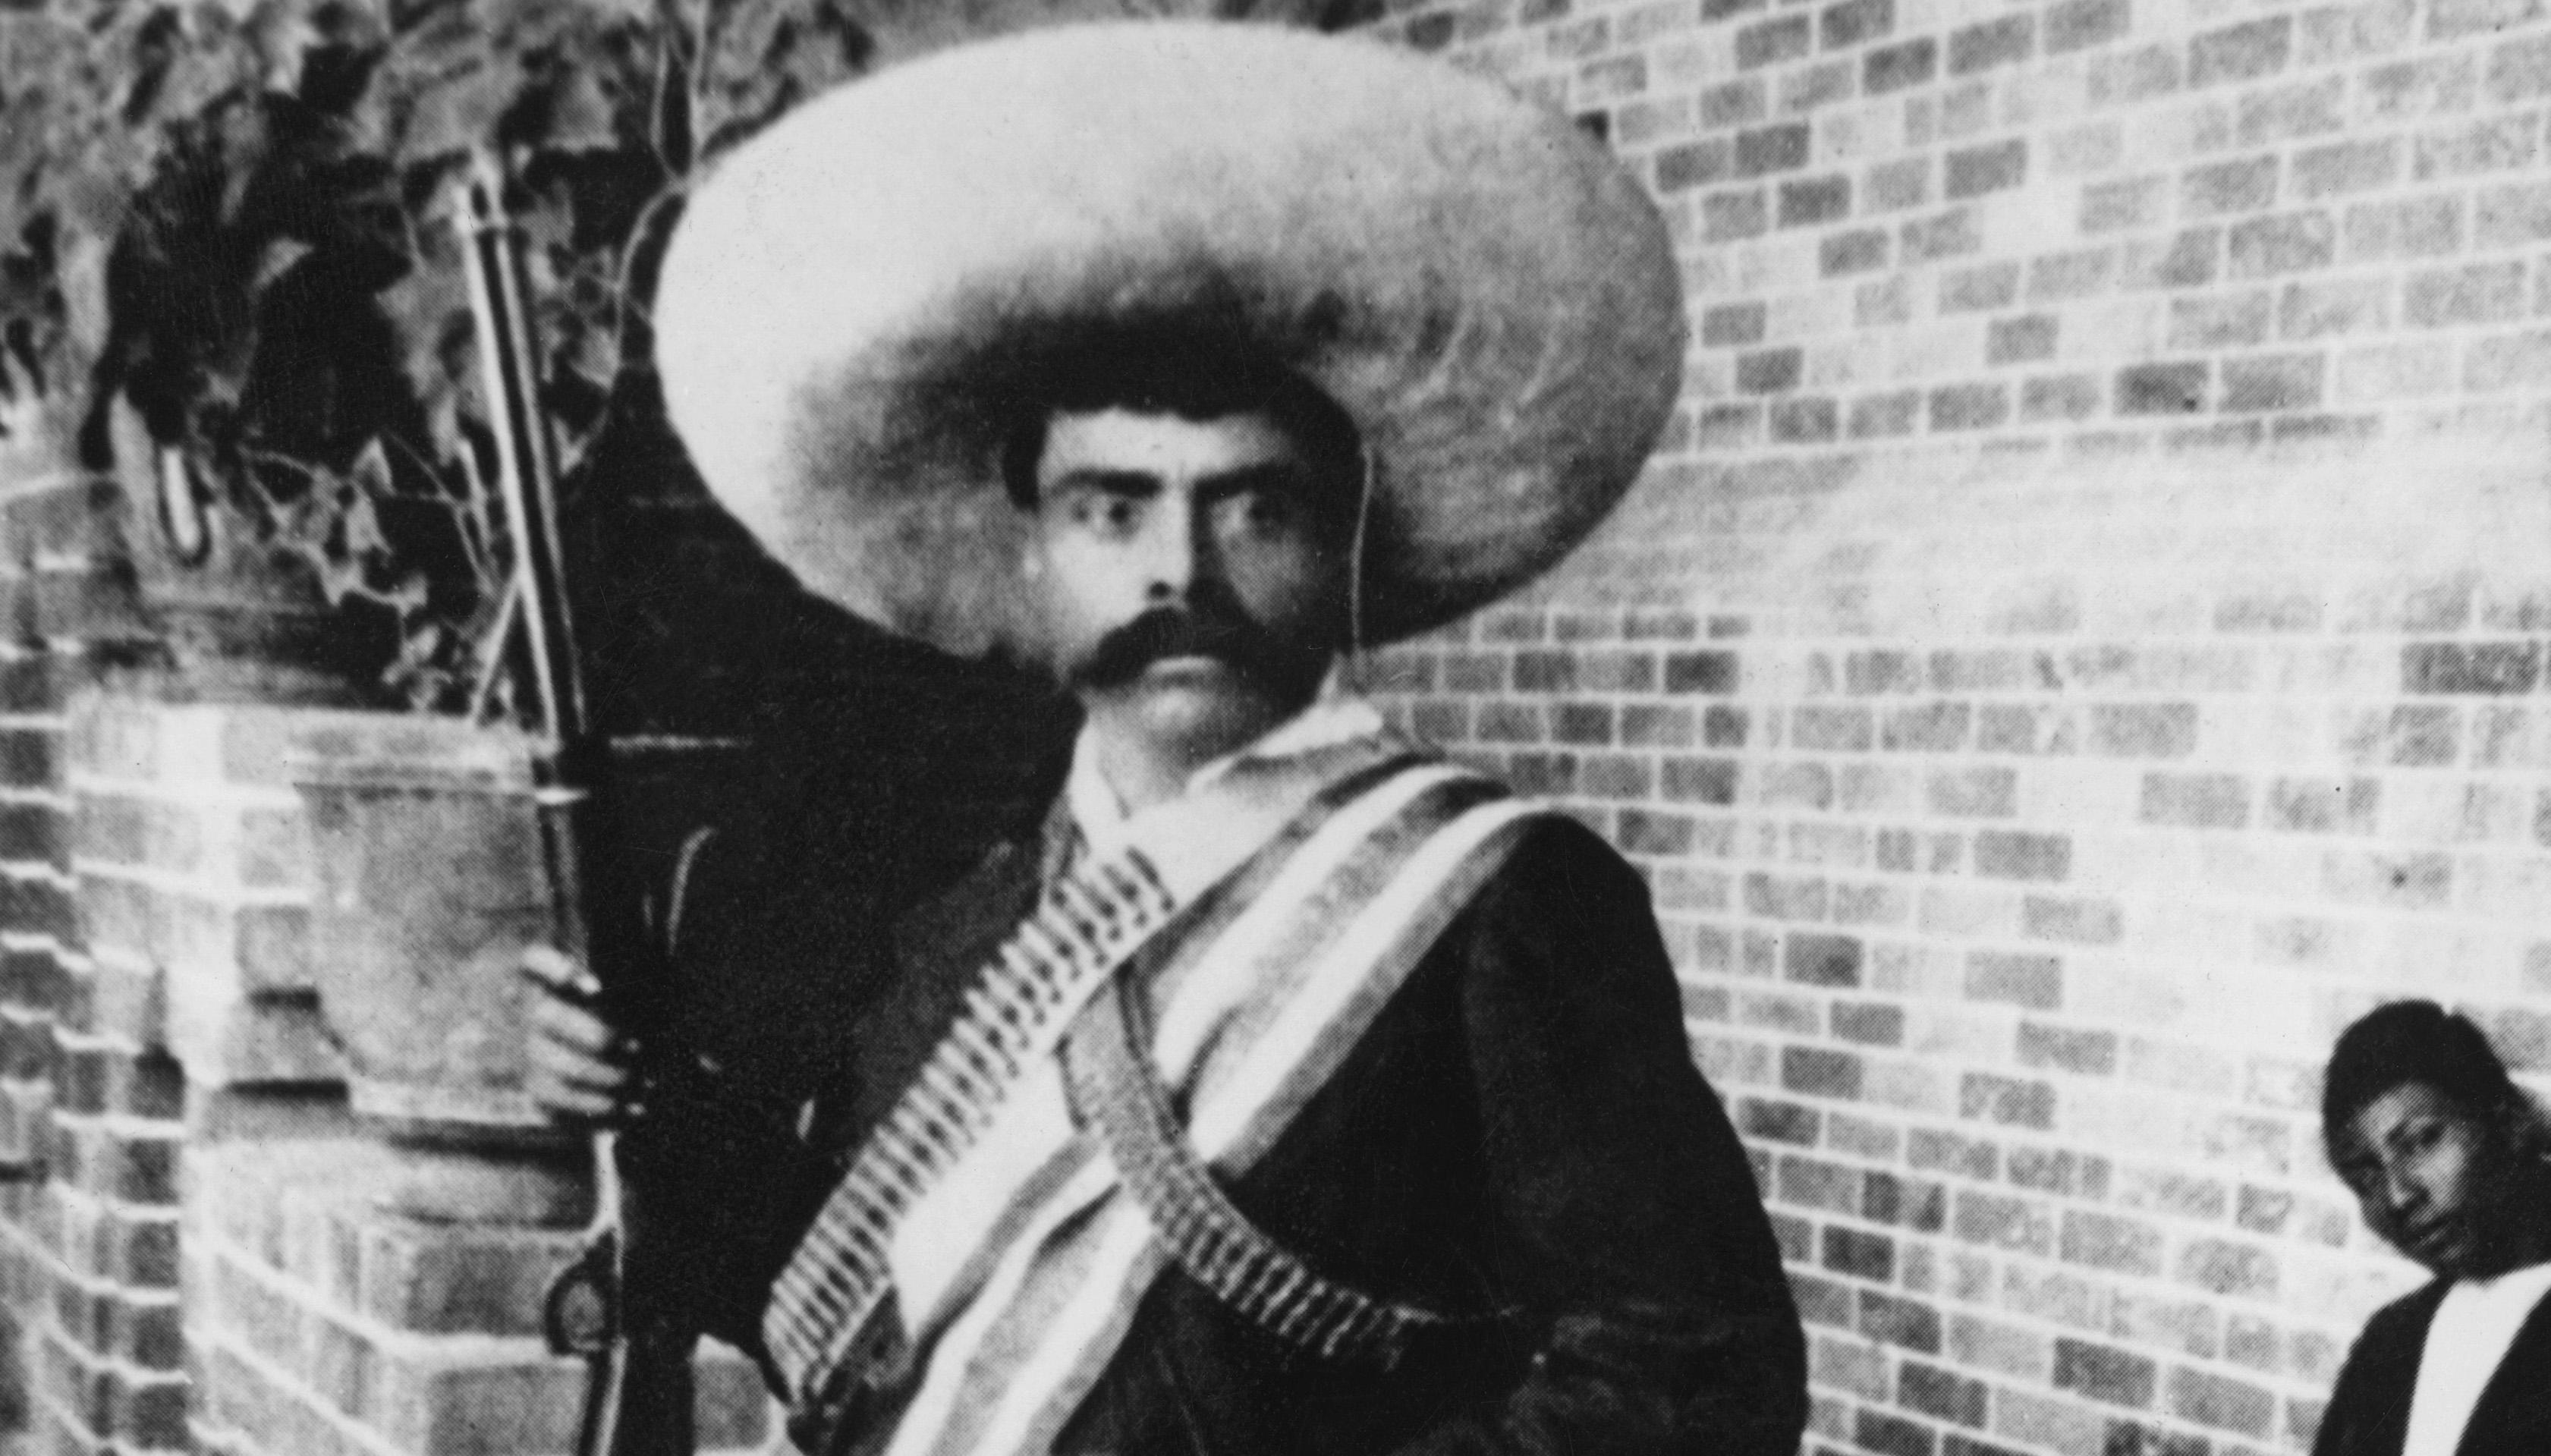 Emiliano Zapata, líder revolucionario, o como algunos lo conocen: el del billete de diez pesos